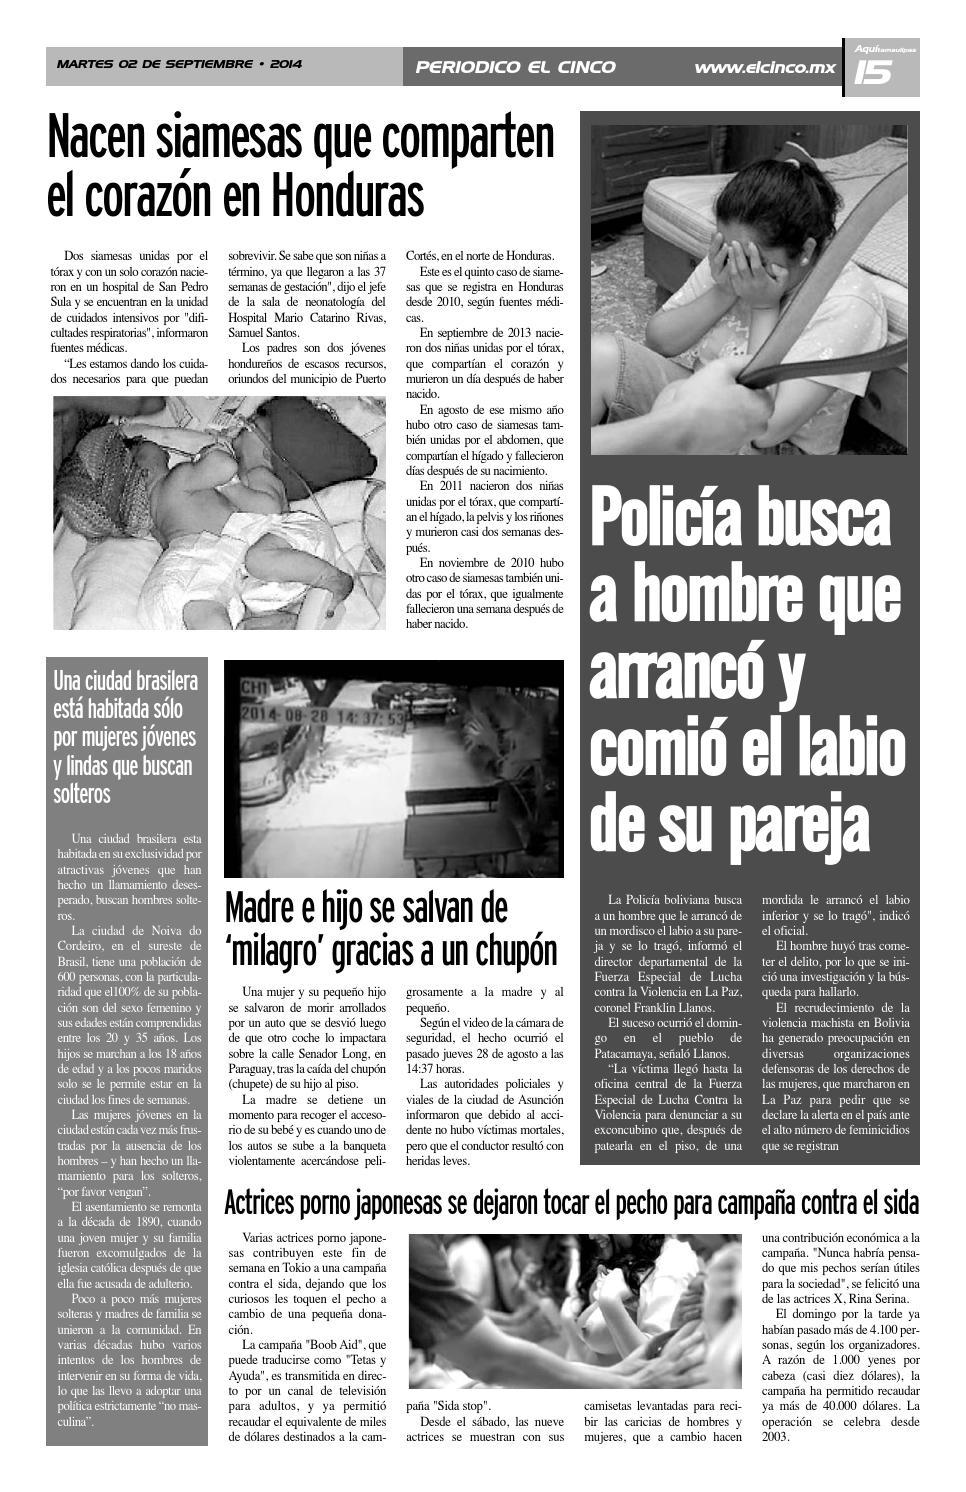 Asuncion Actriz Porno 02092014periodico 5inco - issuu